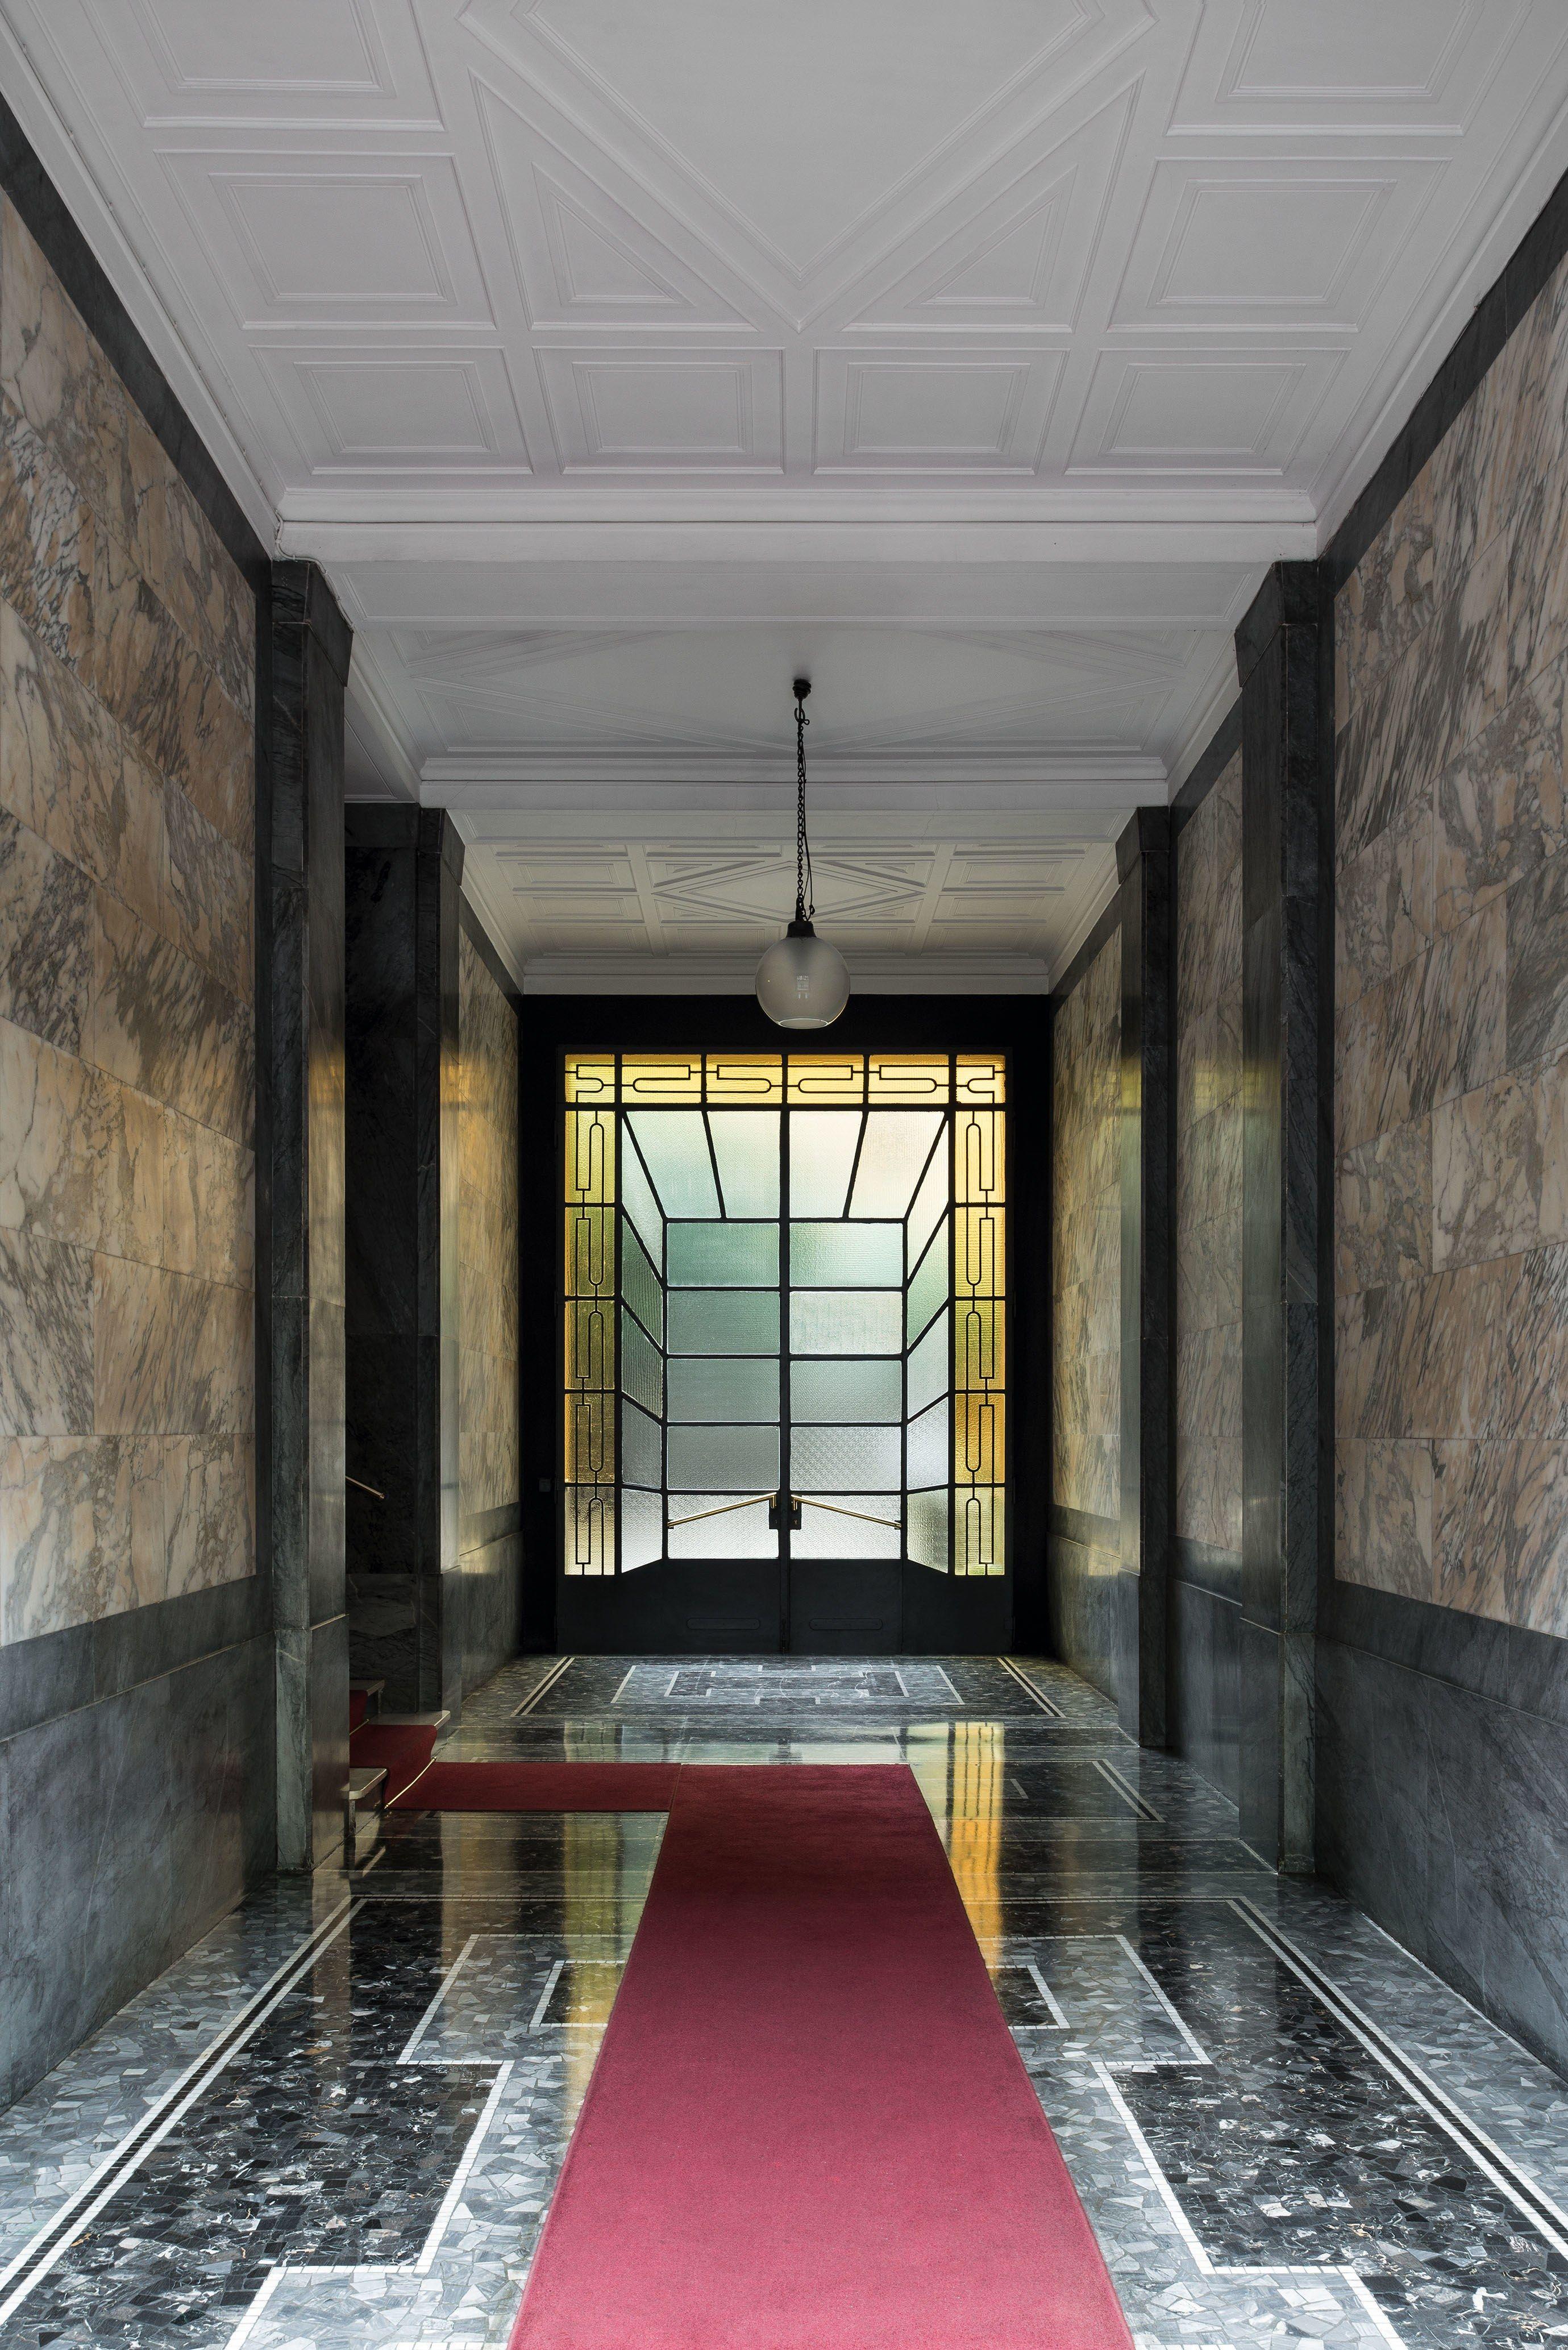 Pin On Interior Architecture